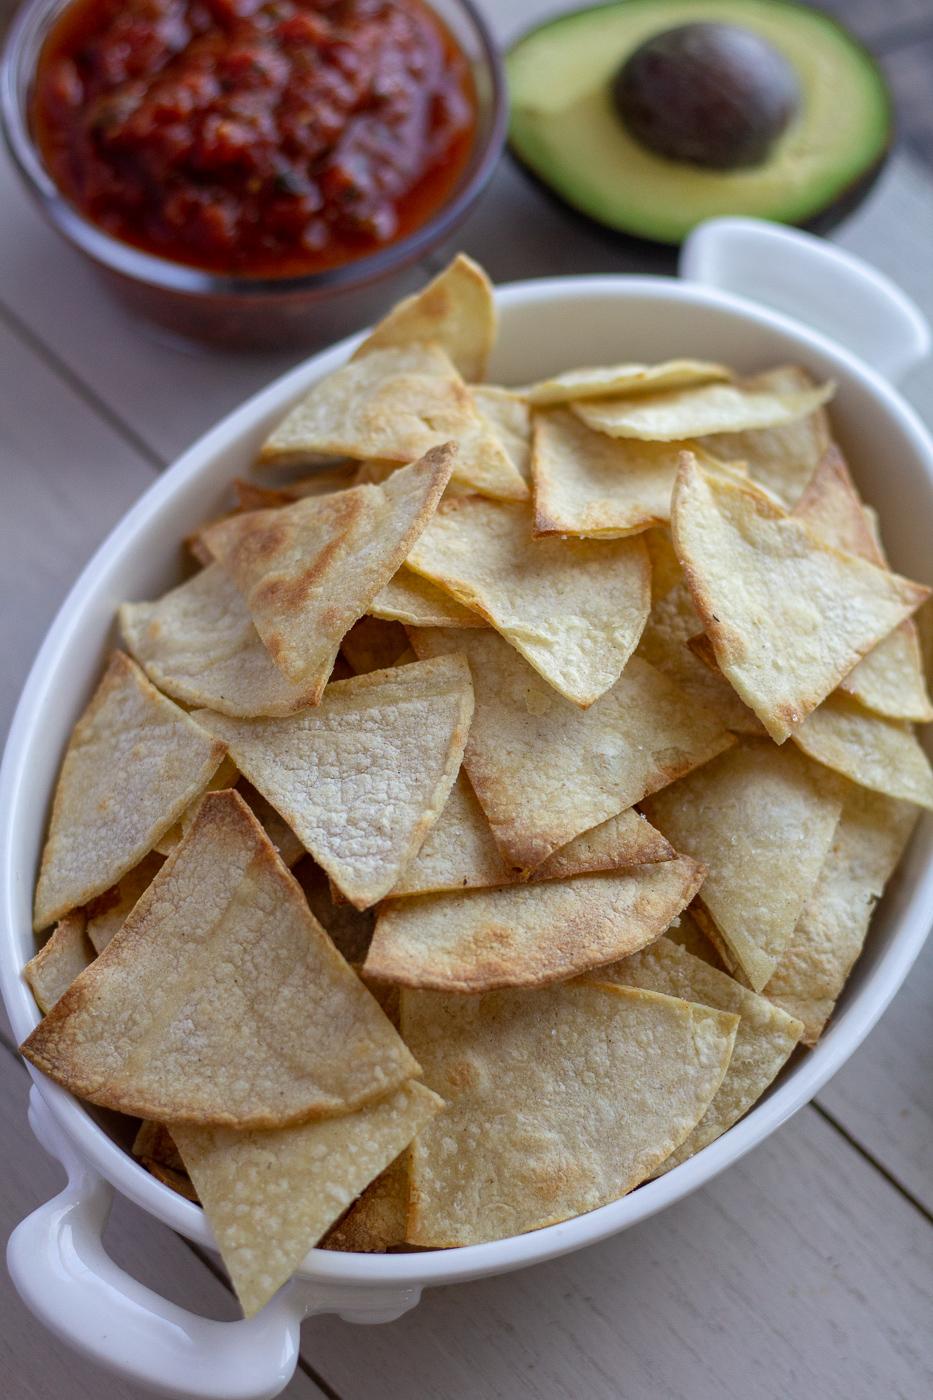 Avocado Oil Baked Tortilla Chips